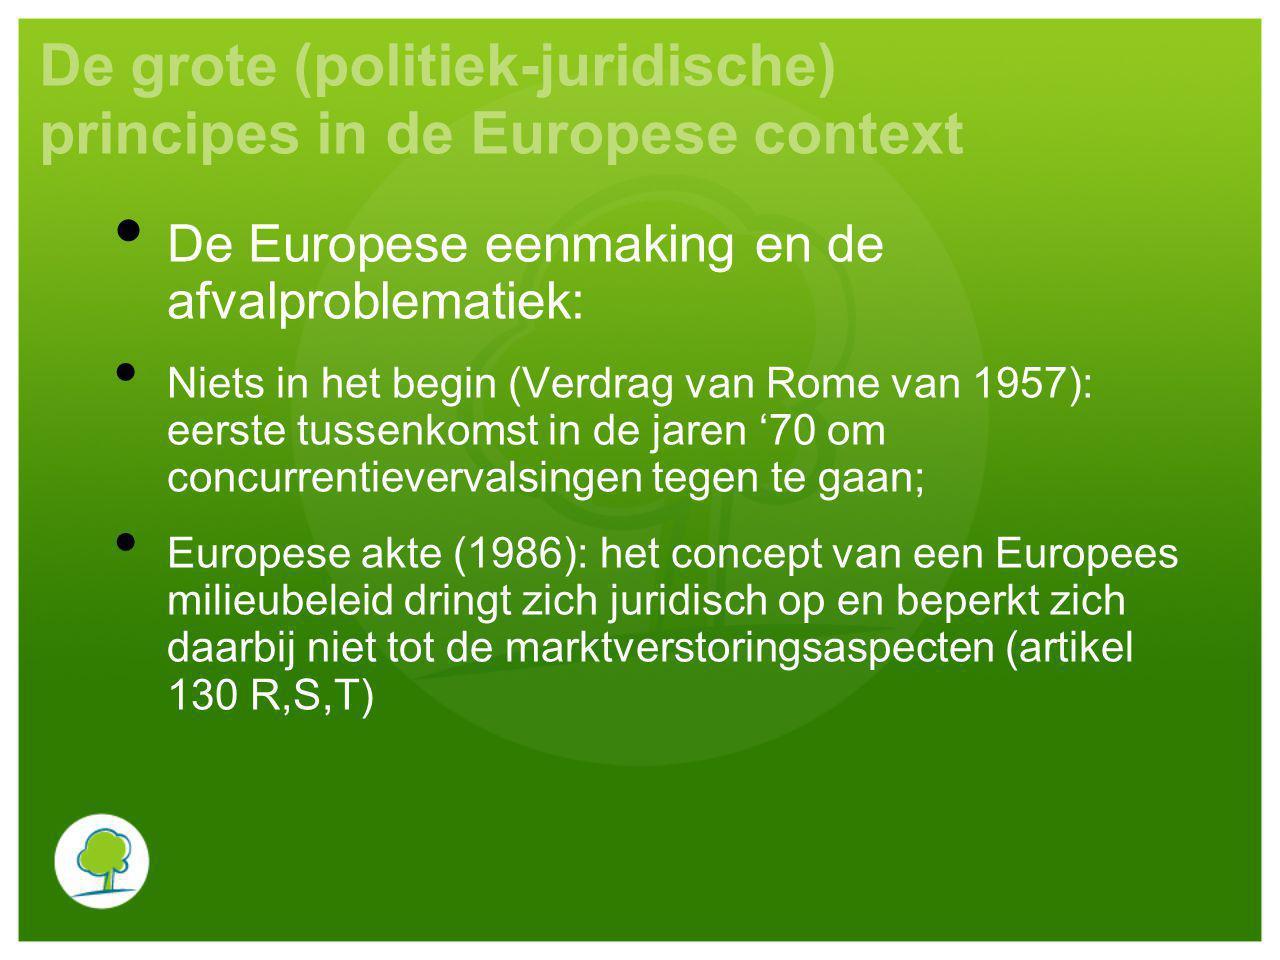 De grote (politiek-juridische) principes in de Europese context De Europese eenmaking en de afvalproblematiek: Niets in het begin (Verdrag van Rome van 1957): eerste tussenkomst in de jaren '70 om concurrentievervalsingen tegen te gaan; Europese akte (1986): het concept van een Europees milieubeleid dringt zich juridisch op en beperkt zich daarbij niet tot de marktverstoringsaspecten (artikel 130 R,S,T)